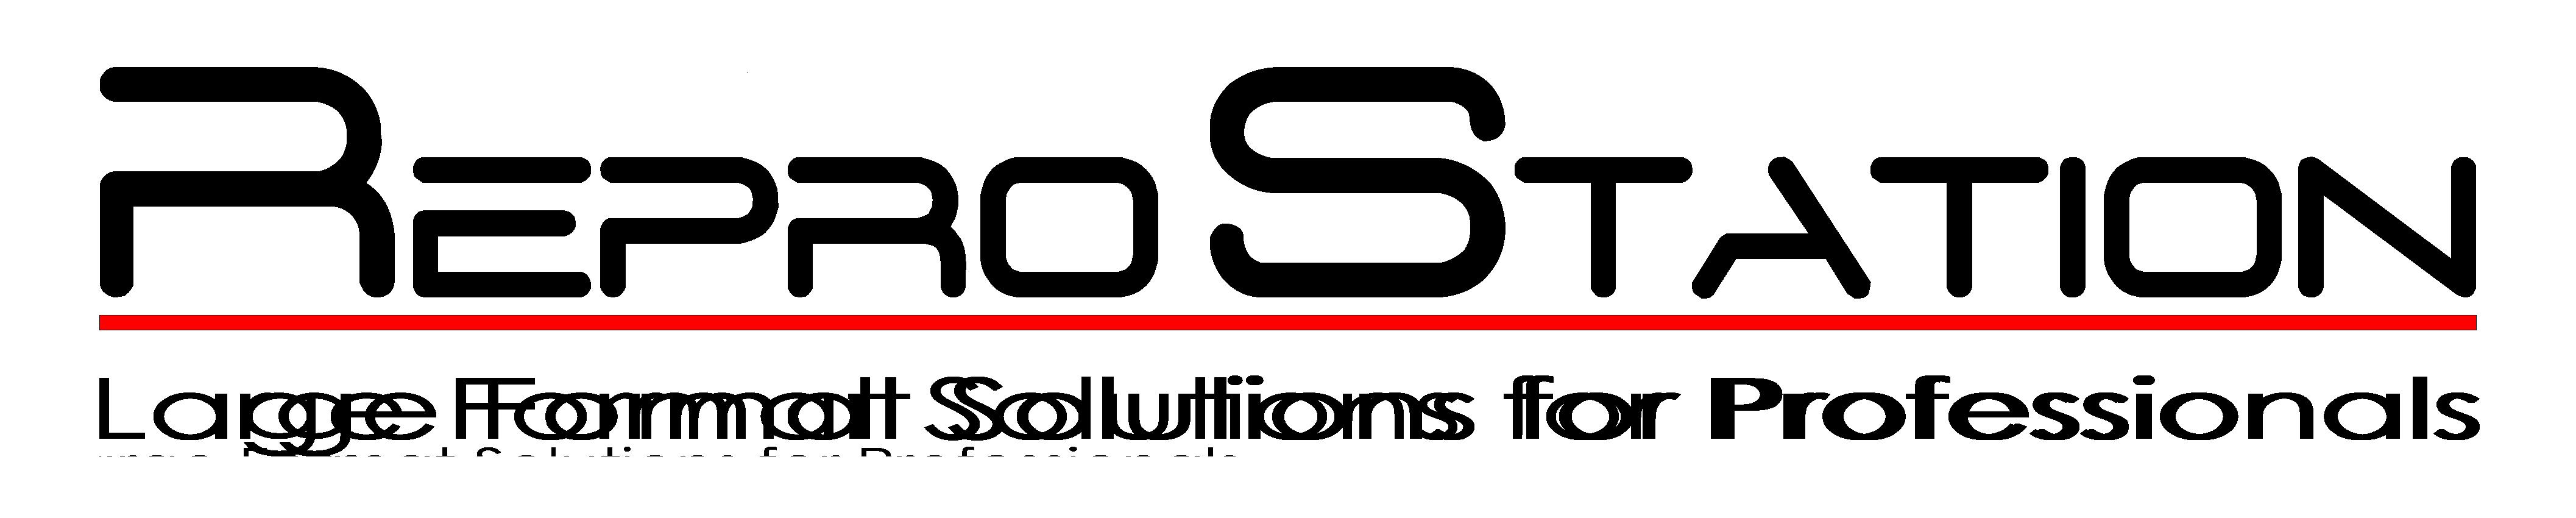 ReproStation Anbieter von Plotter, Scanner, Faltmaschine, Schneidemaschine, Papier, Tinte und Toner-Logo